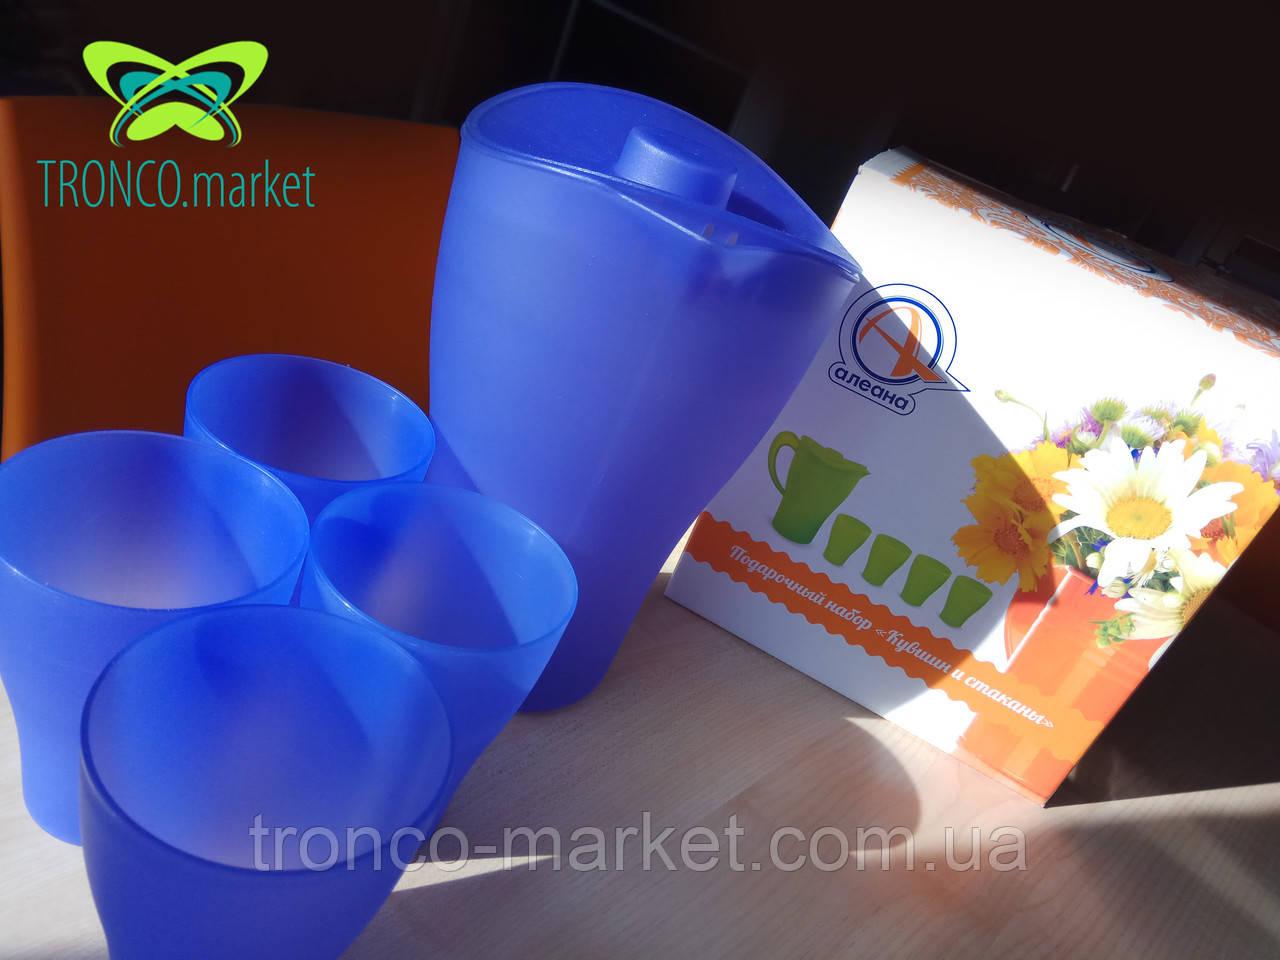 Набор посуды для подачи и разлива напитков: Кувшин с крышкой и стаканы